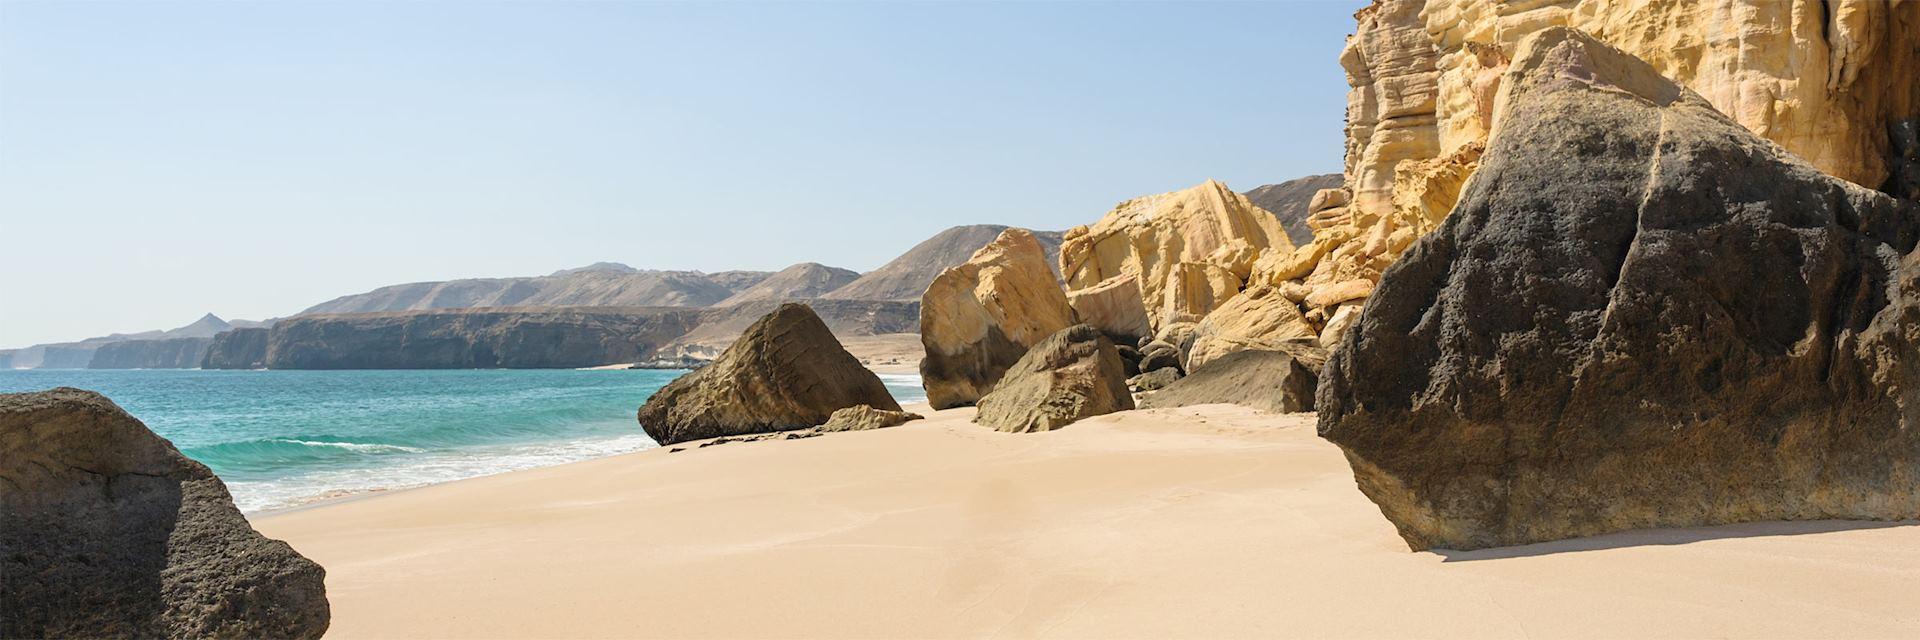 Ras Al Jinz beach